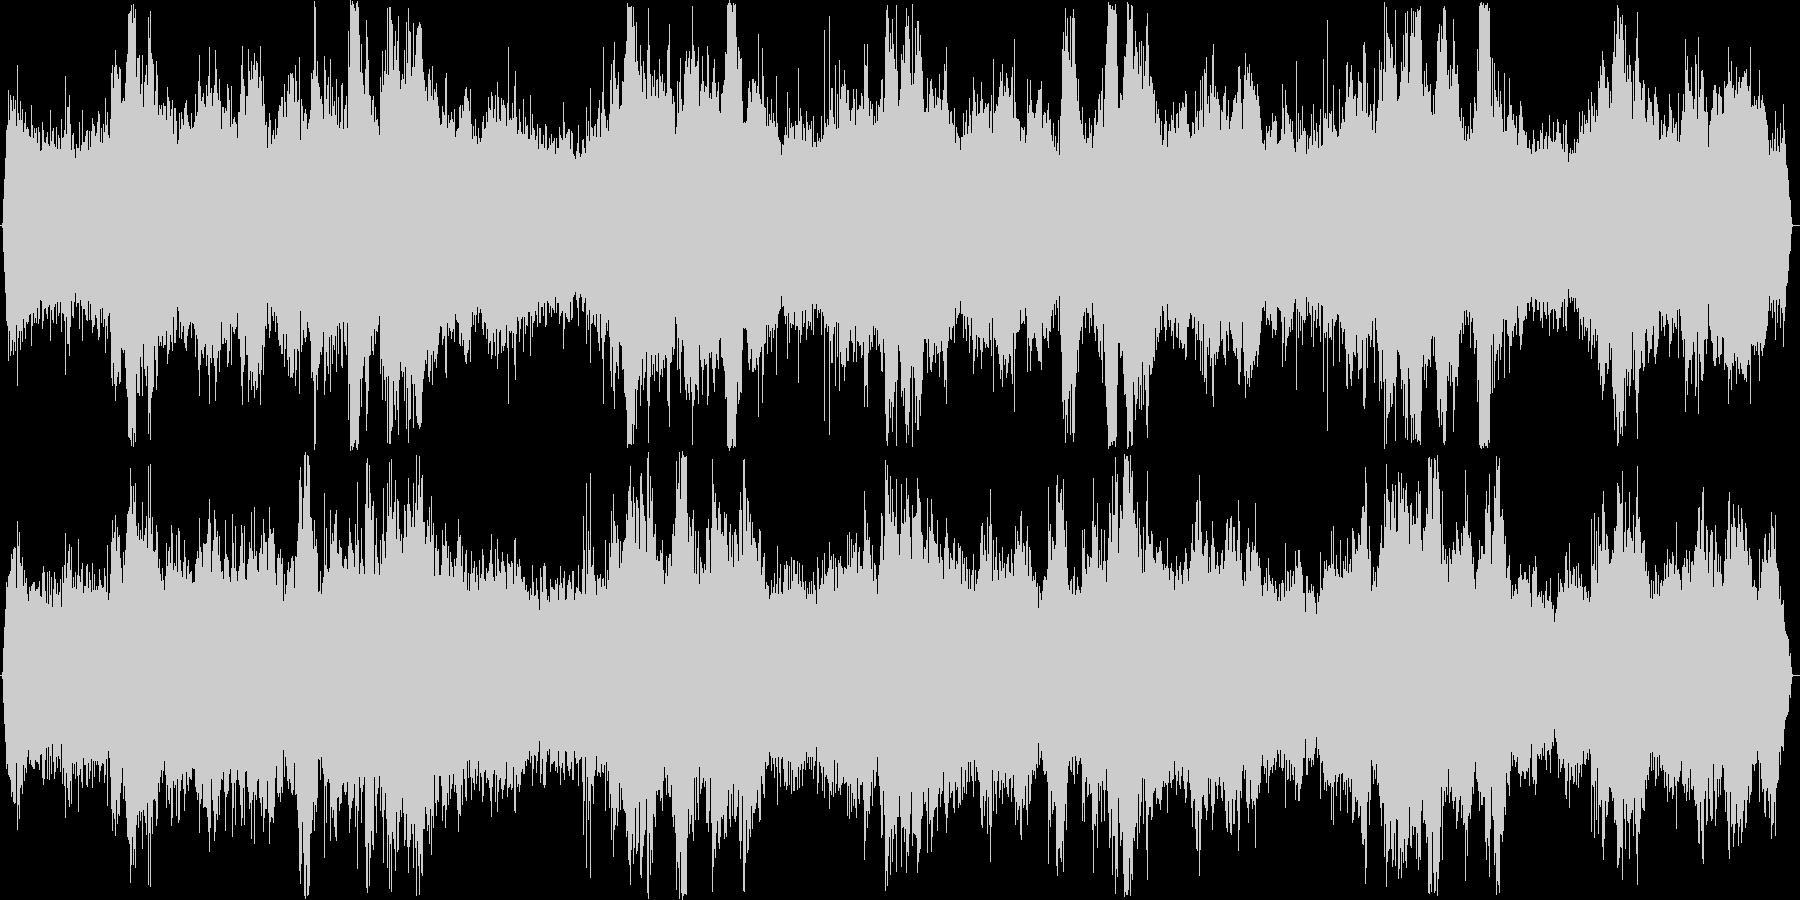 スピーカーからの再生に特化した、疑似立…の未再生の波形